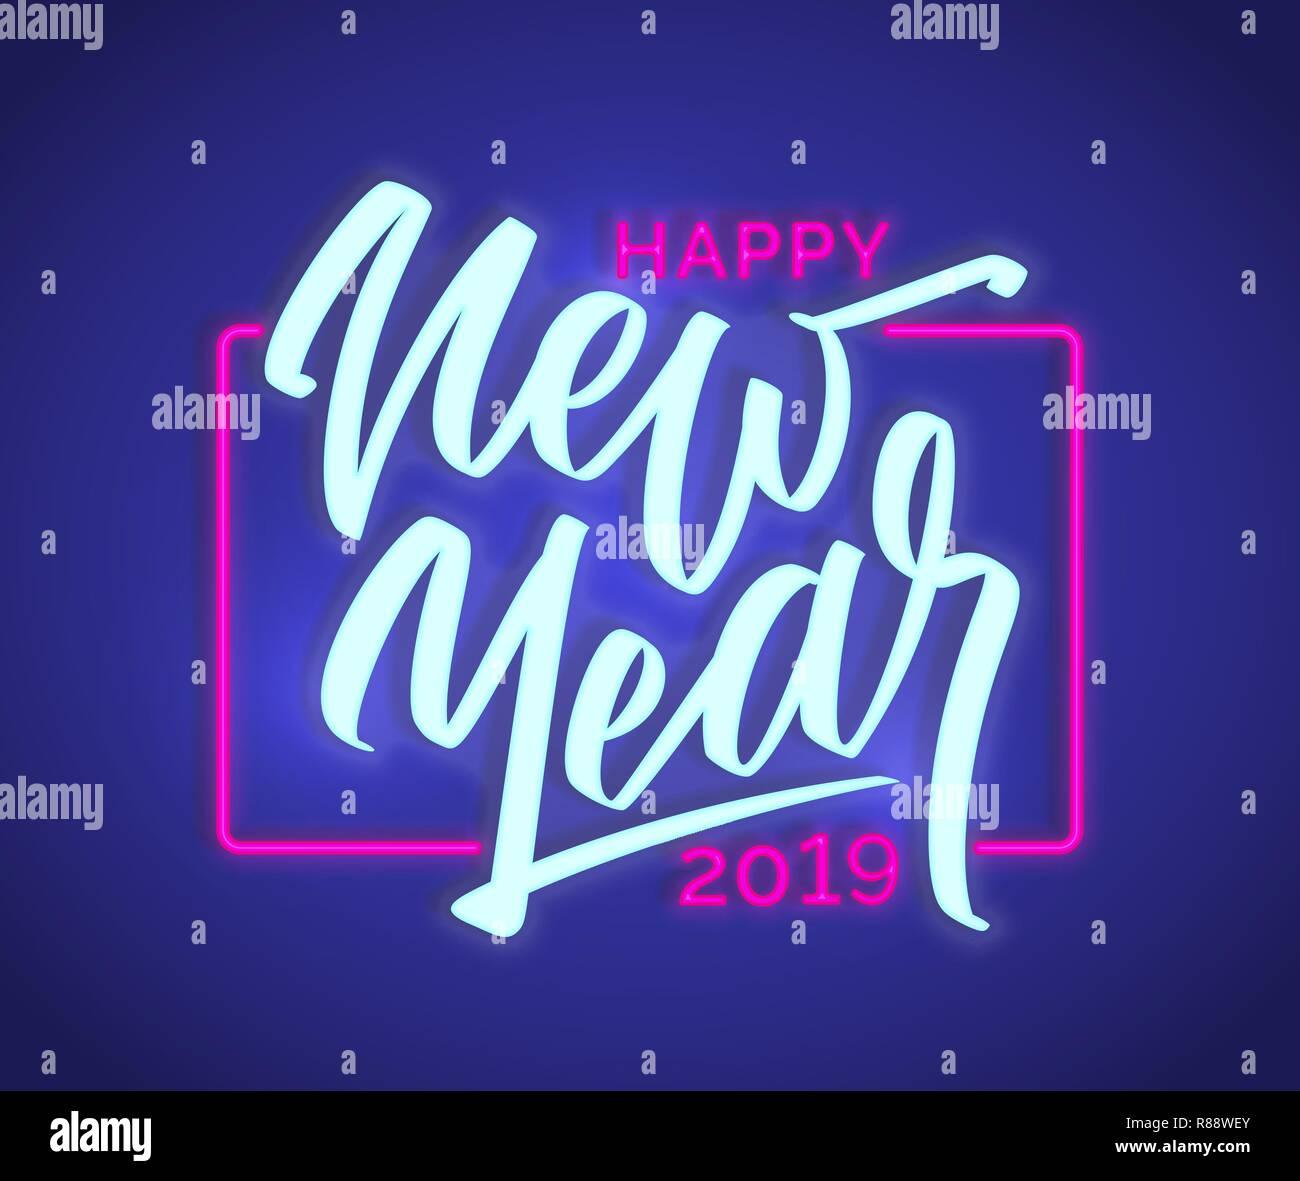 Bonne Année Texte Neon Sign 2019 Nouvelle Année Modèle De